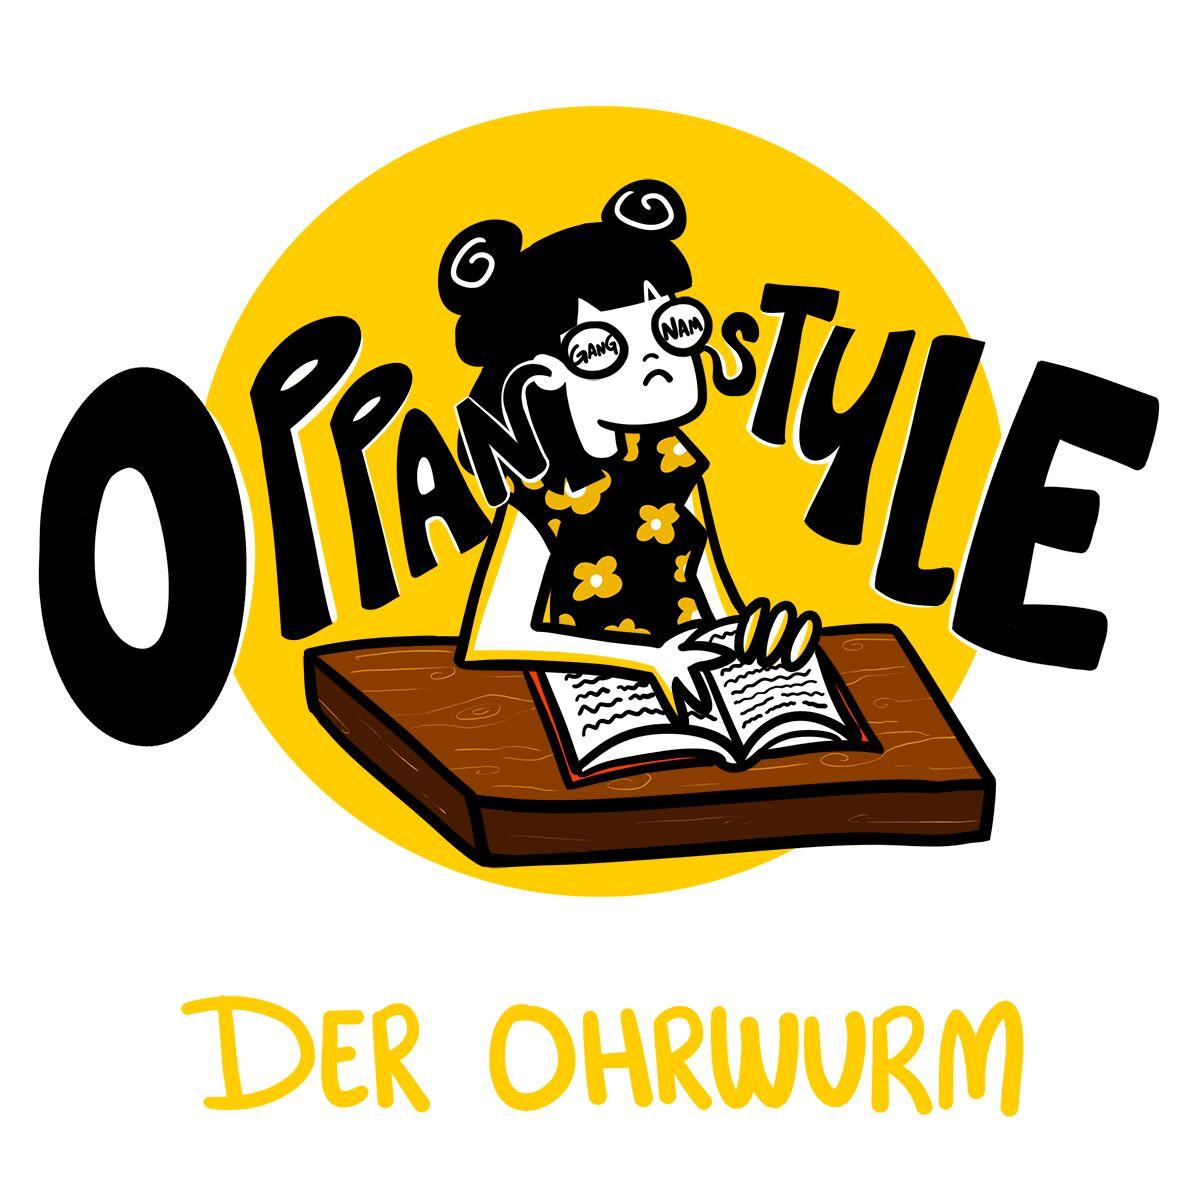 palavras em alemão ohrwurm